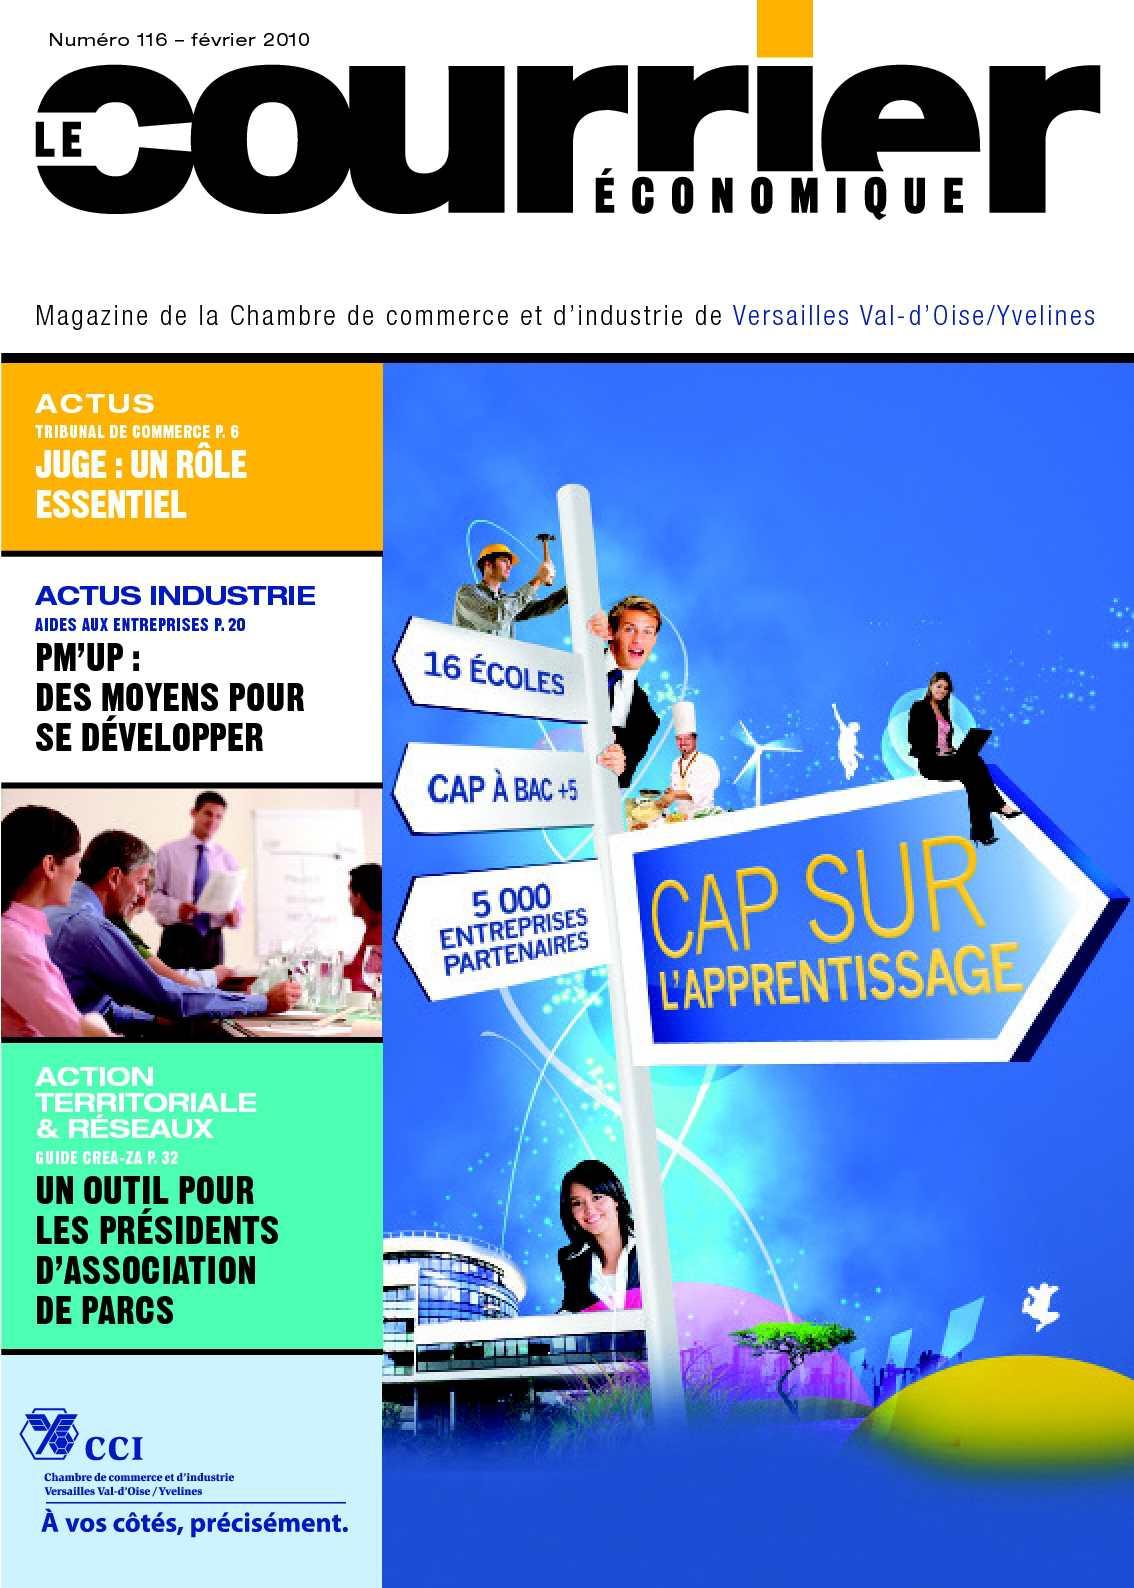 Calam o le courrier cononomique magazine de la cci val d 39 oise yvelines n 116 f vrier 2010 - Chambre de commerce de pontoise ...